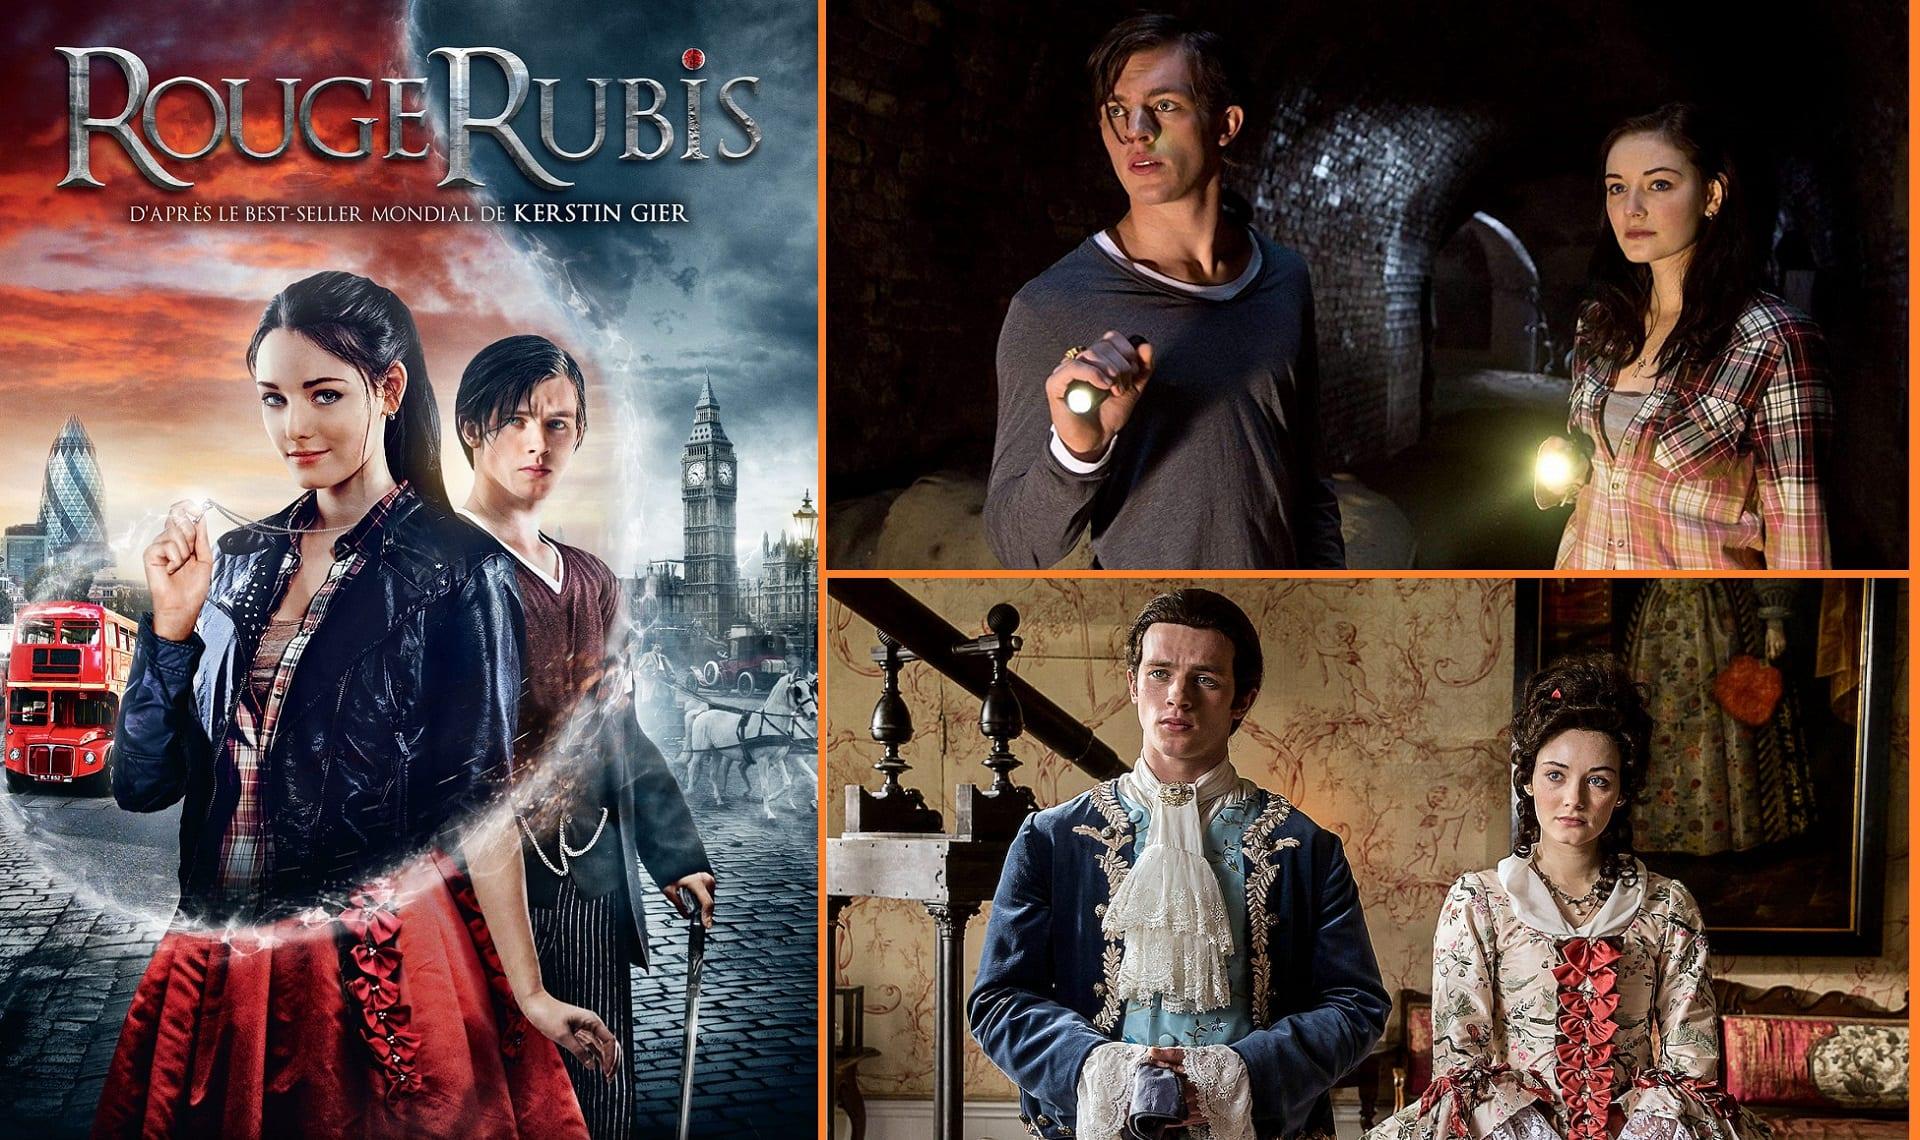 Tuttalativu · GuidaTV 8 Febbraio 2020: Serata finale del #FestivaldiSanremo e la trilogia di #RubyRed (Italia1). Il Copio Picco Share di Sanremo (i vincitori)